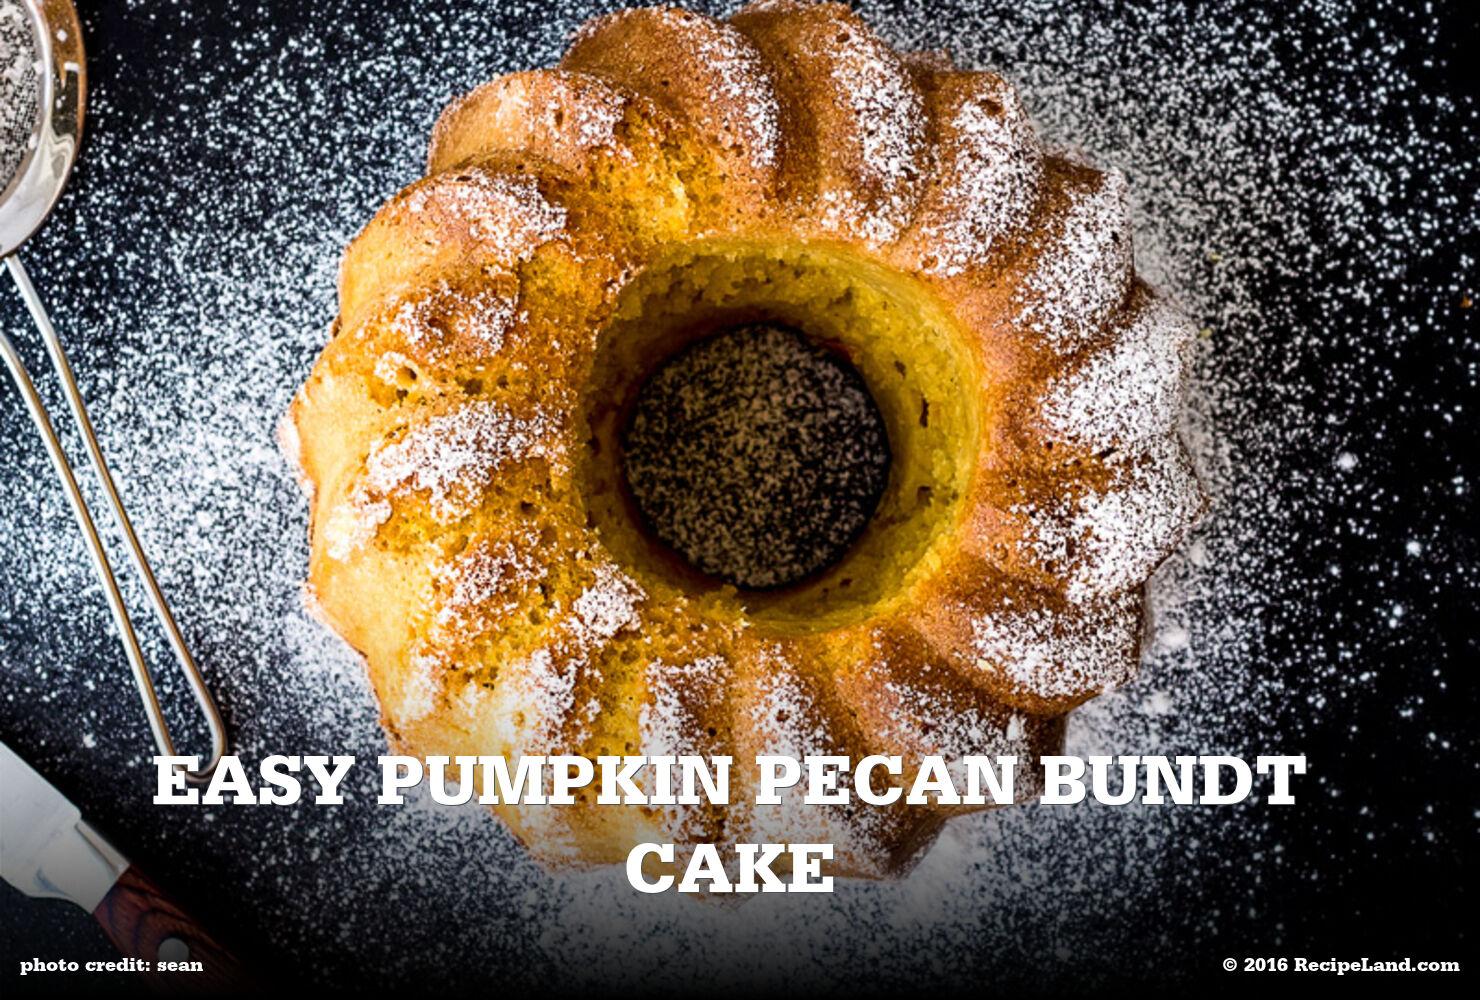 Easy Pumpkin Pecan Bundt Cake